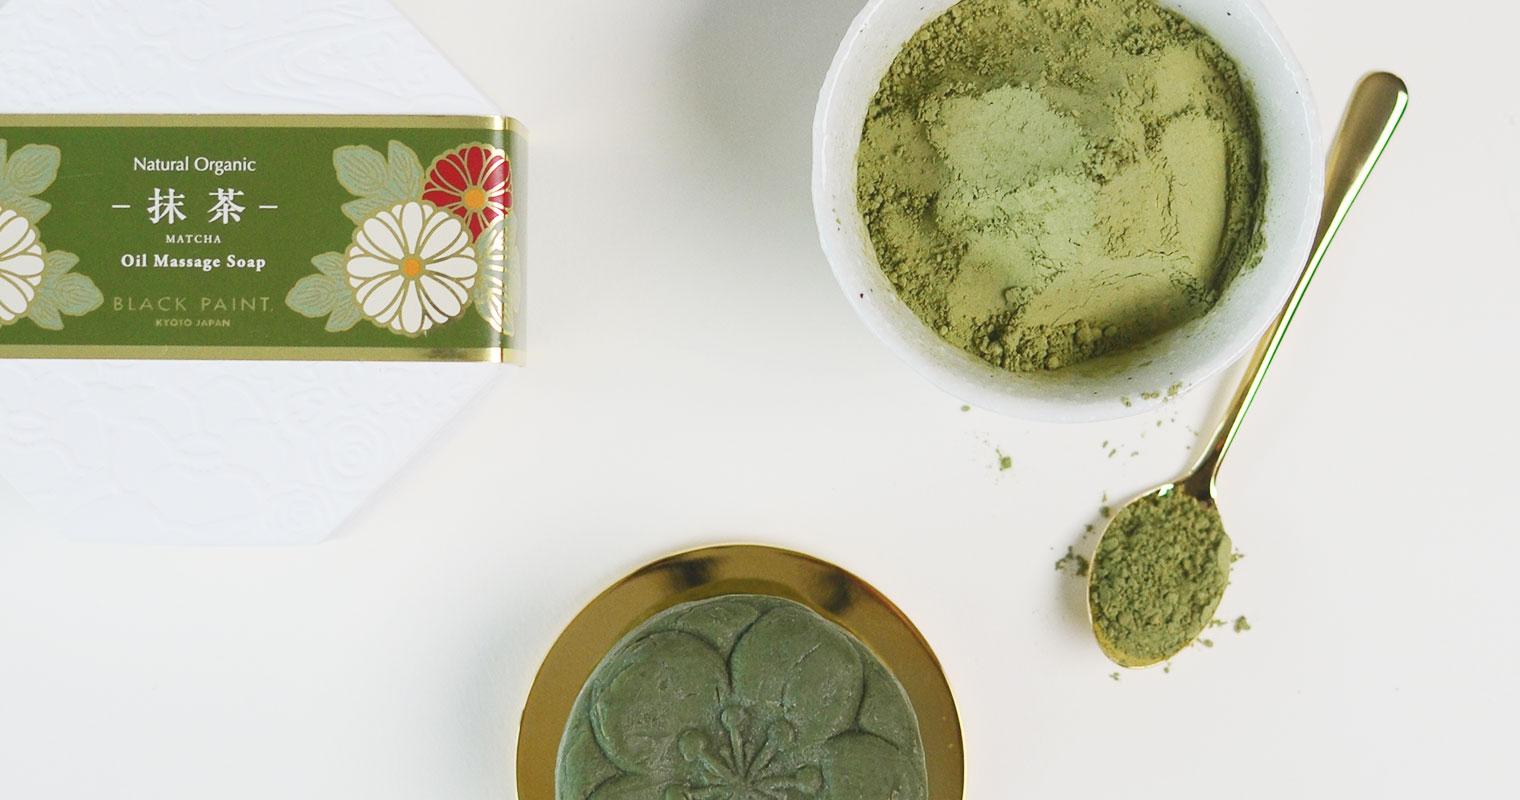 green tea powder and matcha tea soap